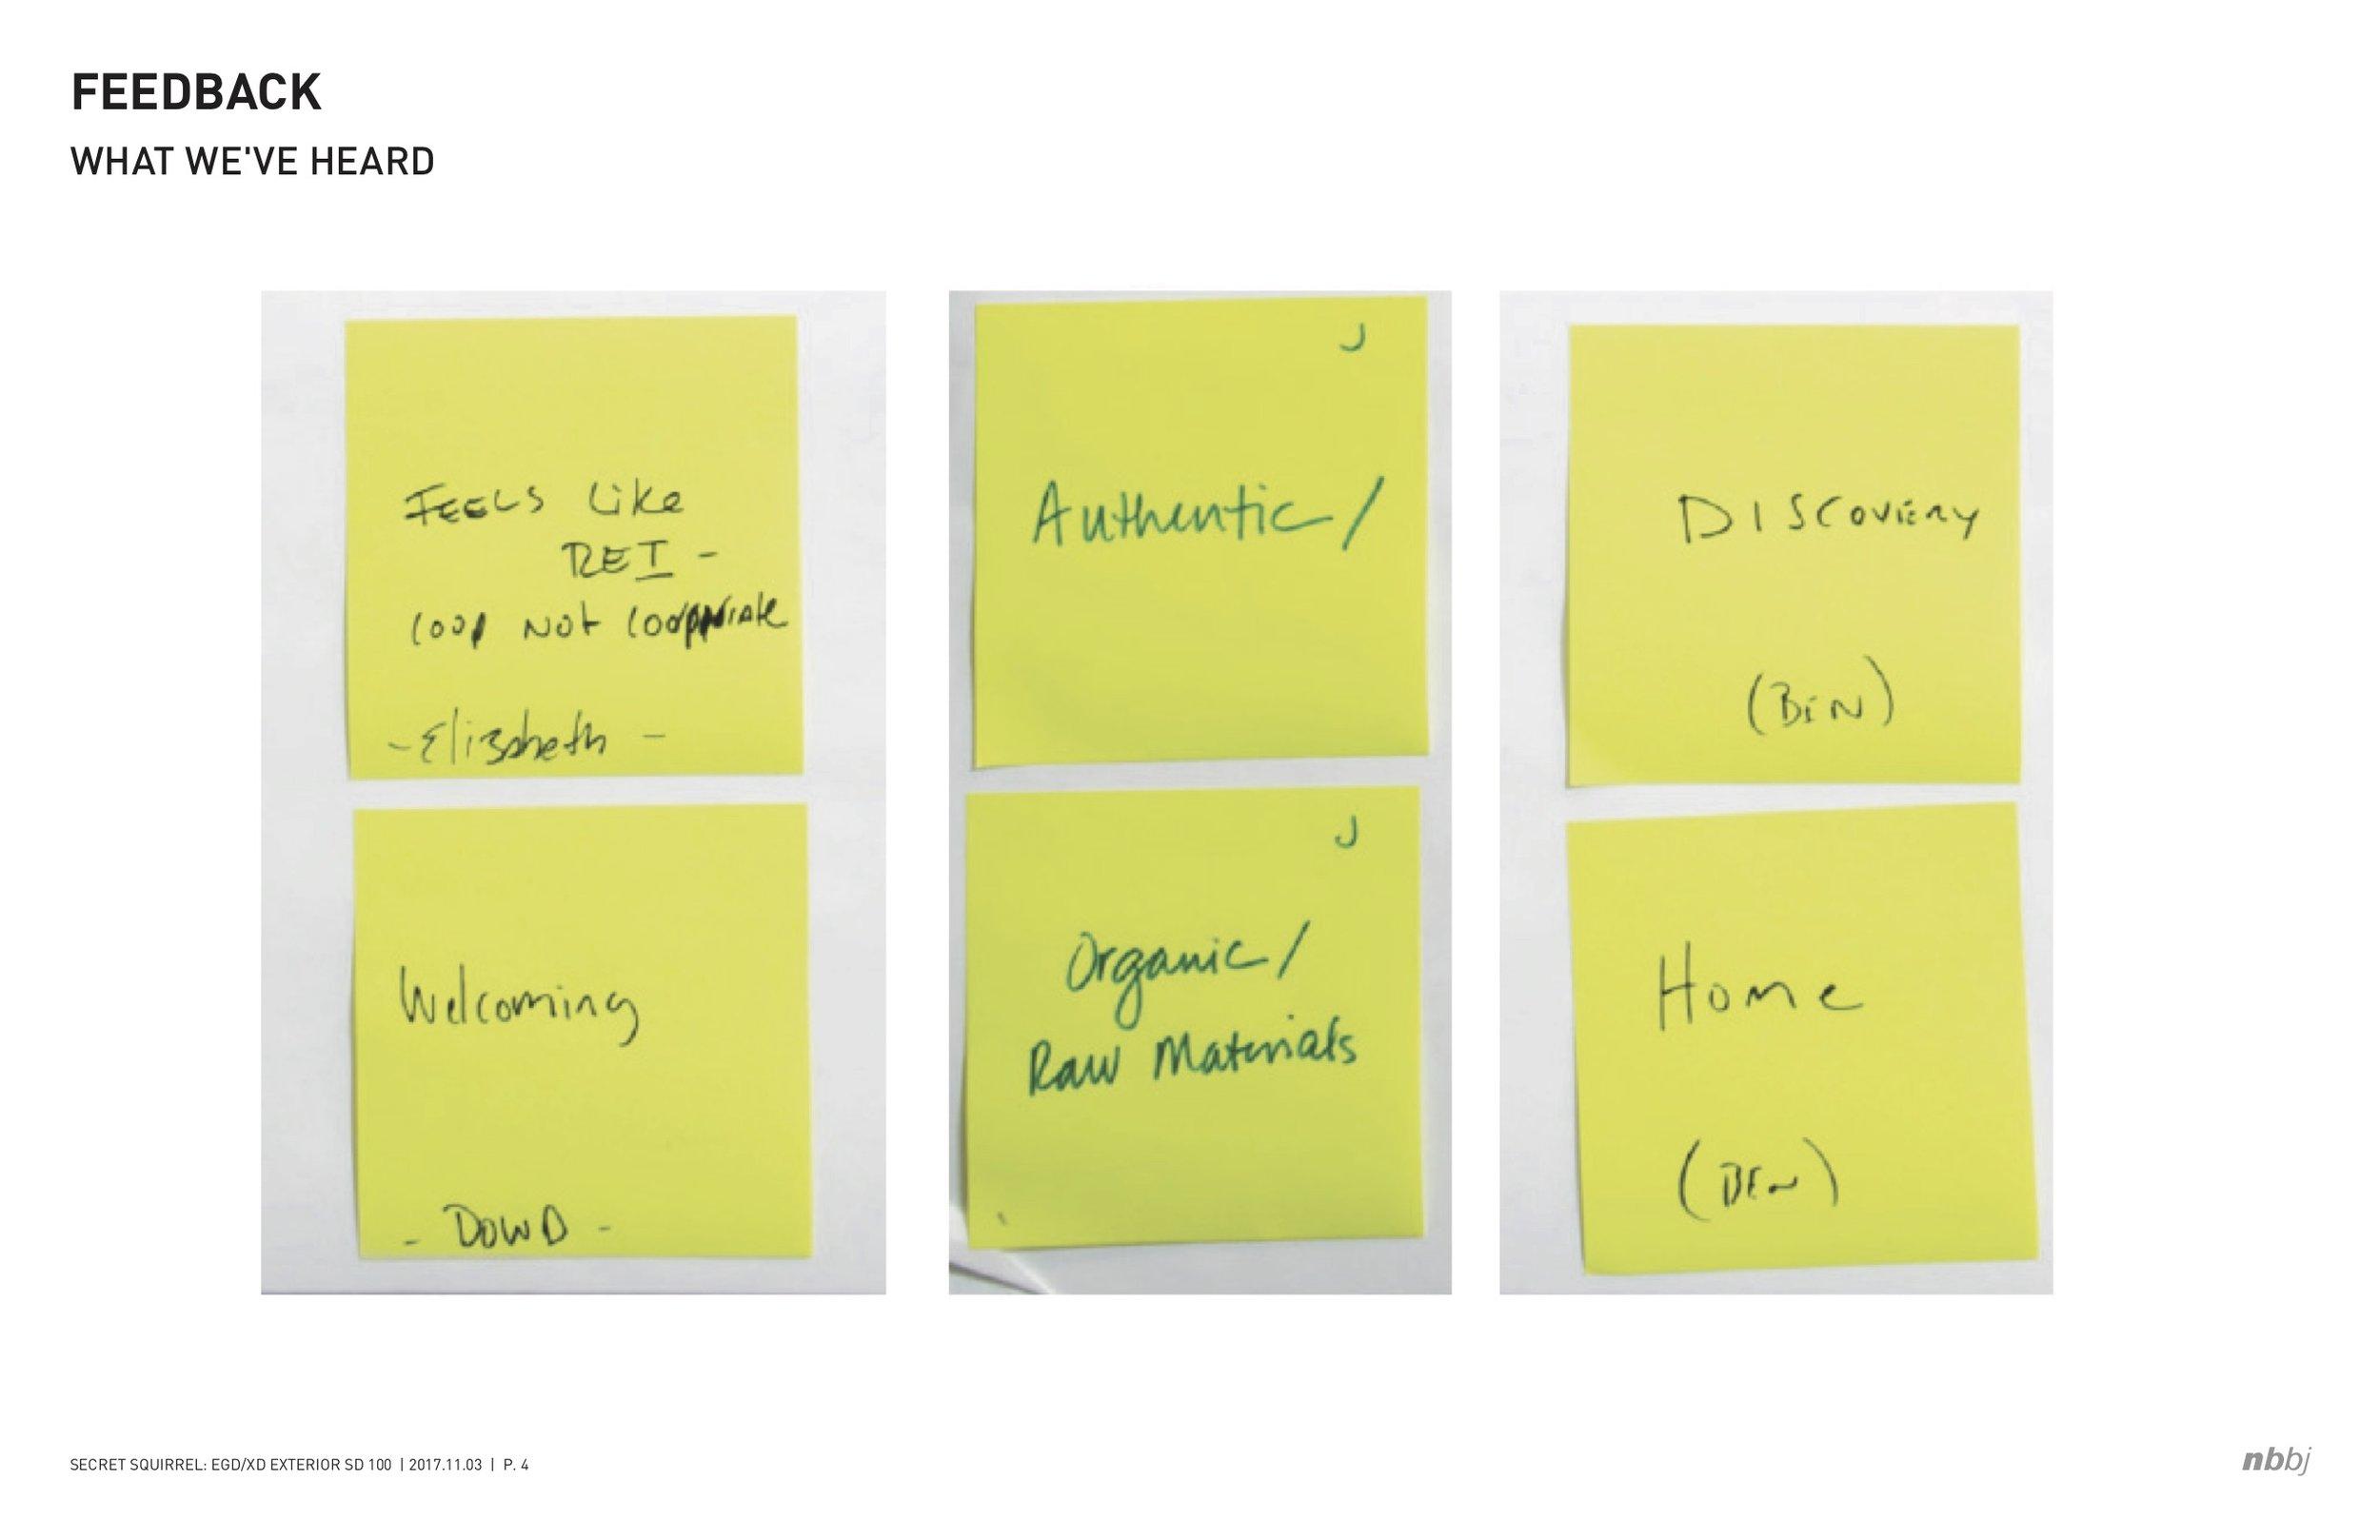 feedback stickies.jpg